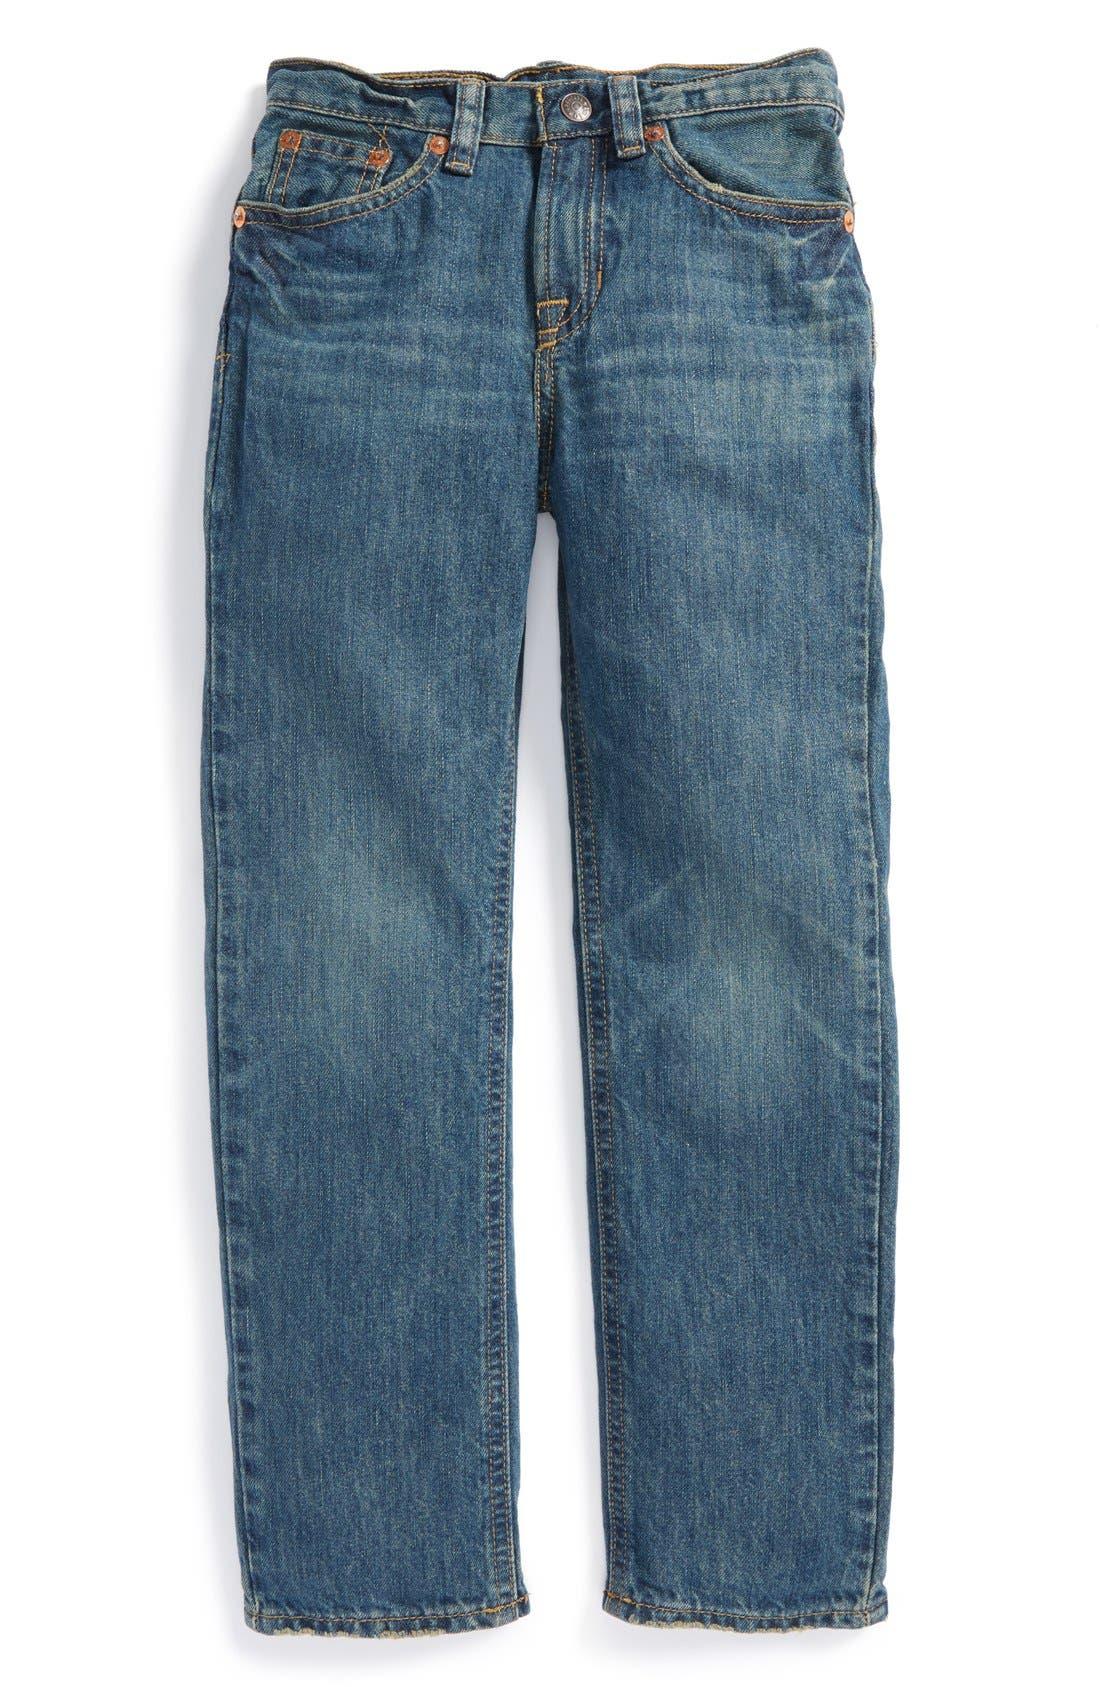 Alternate Image 1 Selected - Ralph Lauren 'Mott' Slim Fit Jeans (Little Boys)